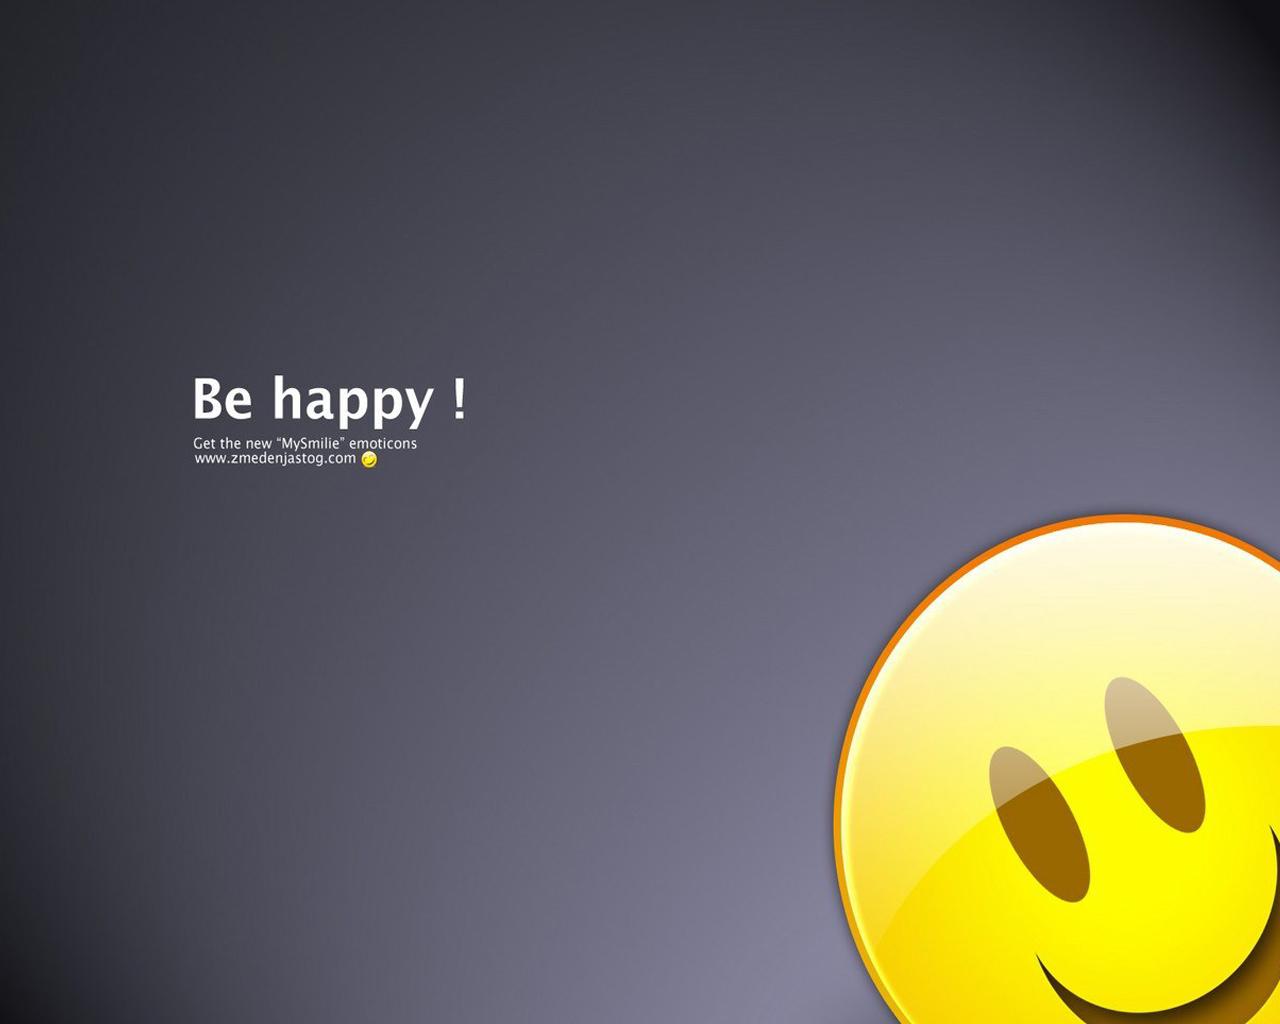 http://3.bp.blogspot.com/-DMXTDj9Tito/UDZLjELcGNI/AAAAAAAAAms/7JKx3EjsNpk/s1600/Be+Happy+1280X1024+Wallpaper+1.jpg